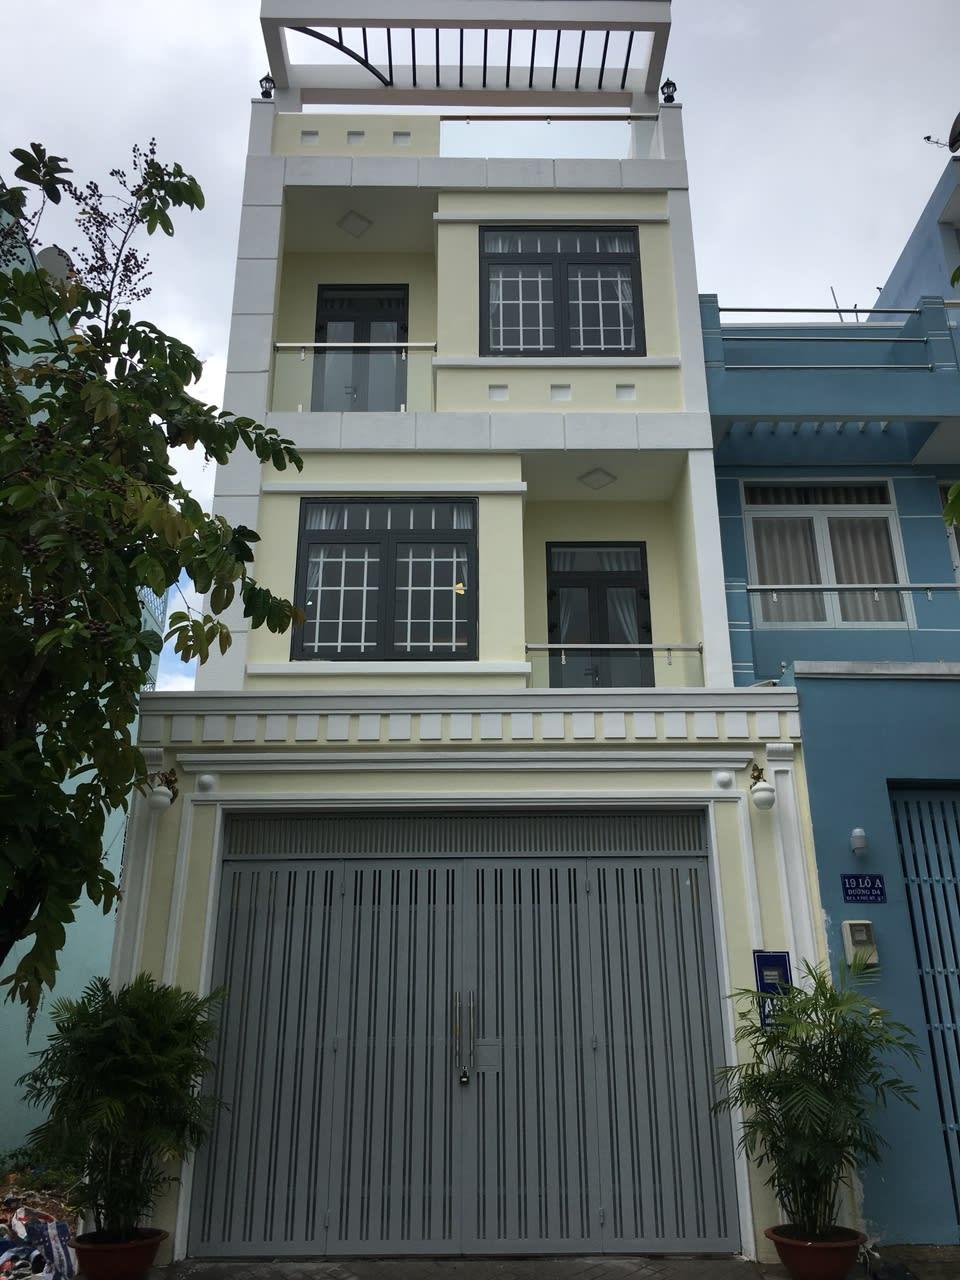 Giá rẻ nhất thị trường – Nhà An Phú Hưng Q7 4x18m 4 tầng chỉ 9.8 tỷ